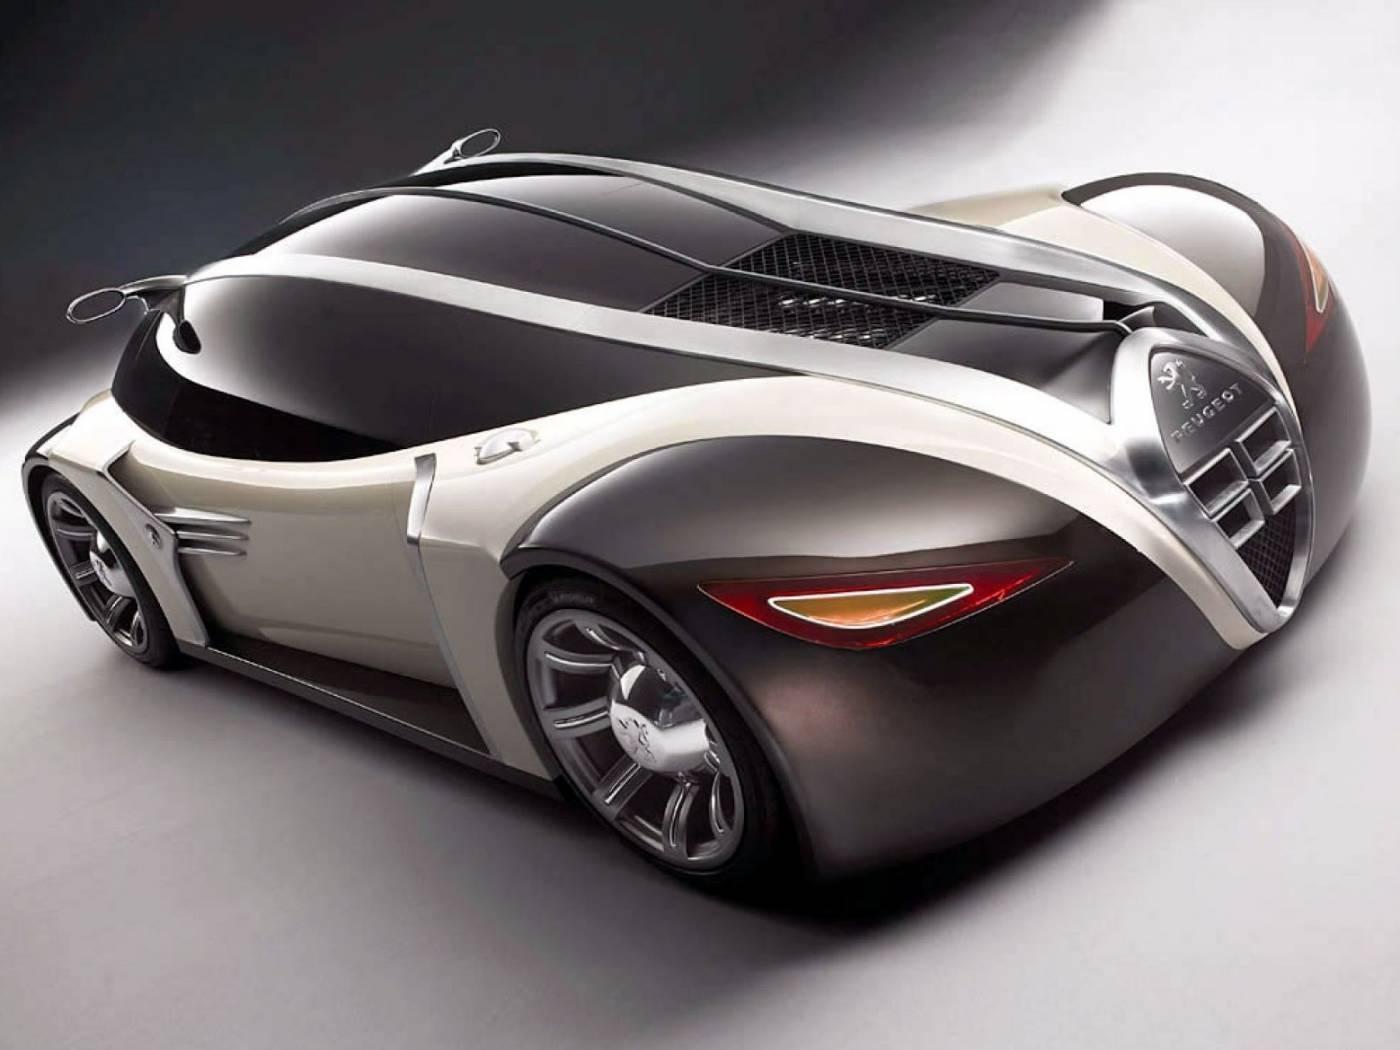 9081 скачать обои Транспорт, Машины, Пежо (Peugeot) - заставки и картинки бесплатно